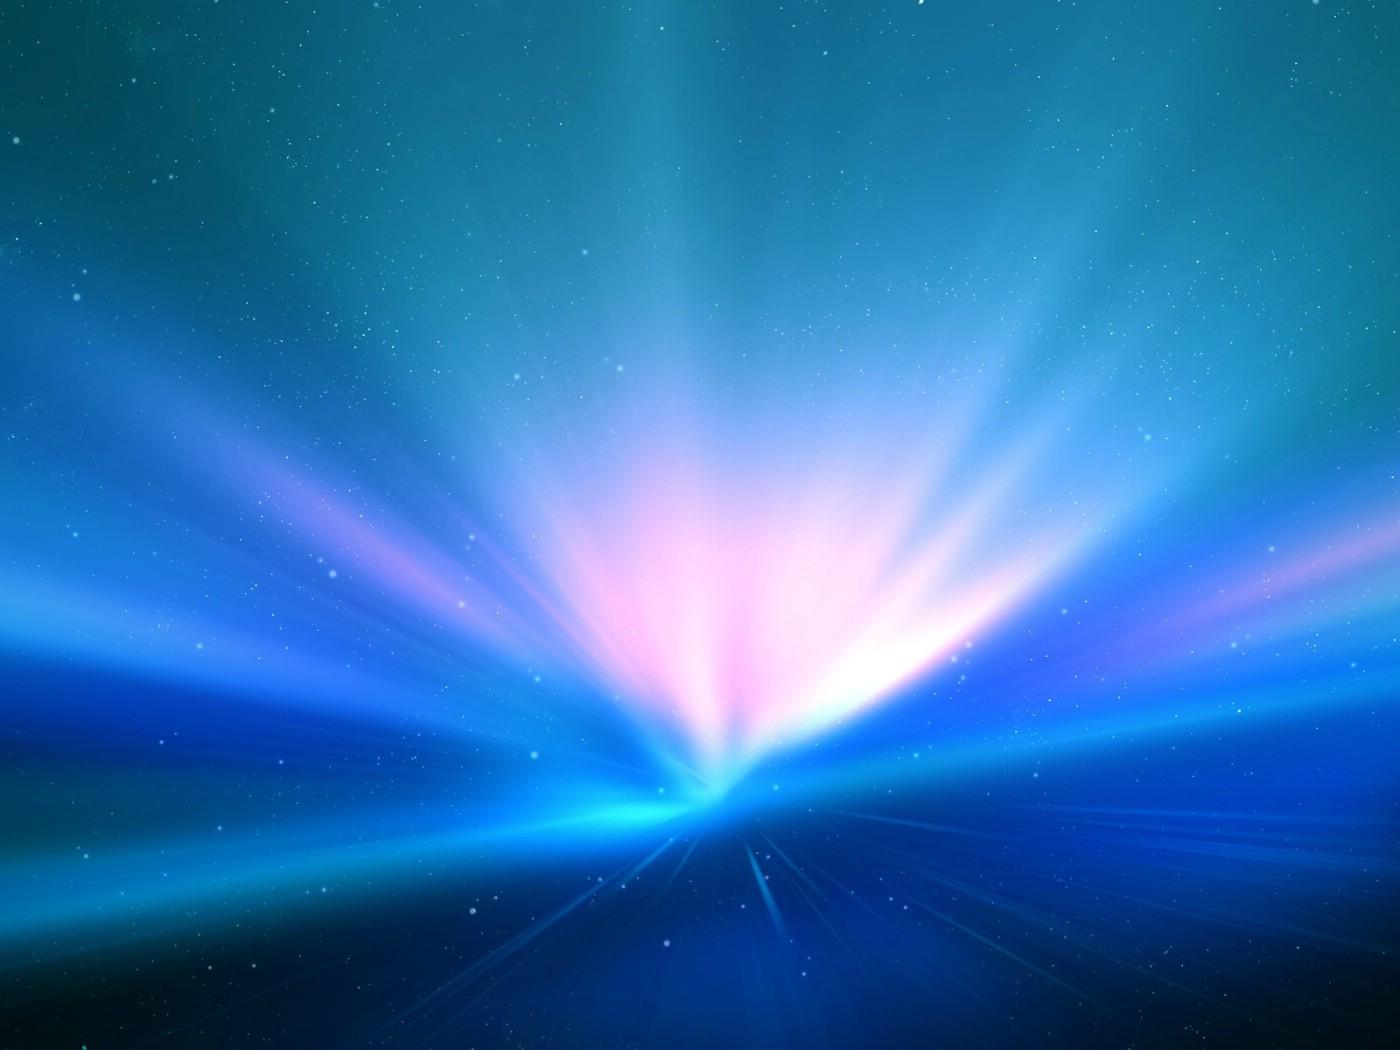 壁纸1400×10502560x1600 多色系色彩视觉壁纸 海洋星空 抽象色彩视觉壁纸壁纸 2560x1600 多色系色彩视觉壁纸四壁纸图片插画壁纸插画图片素材桌面壁纸